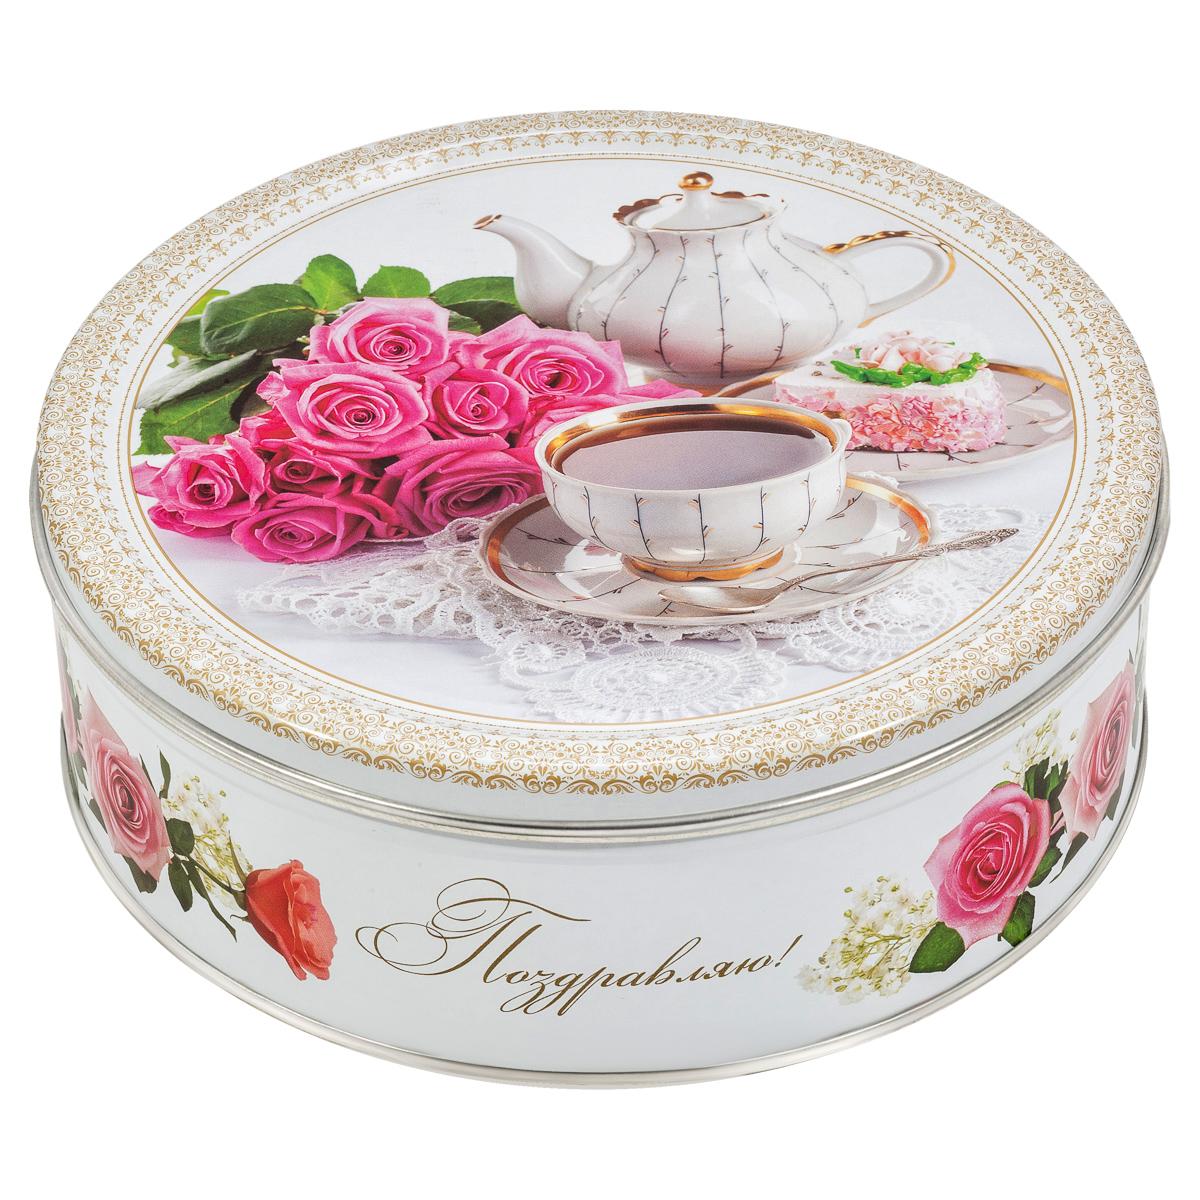 Monte Christo Розовый этюд печенье с кокосовой стружкой, 400 г danima печенье ассорти с тмином и кокосовой стружкой 300 г